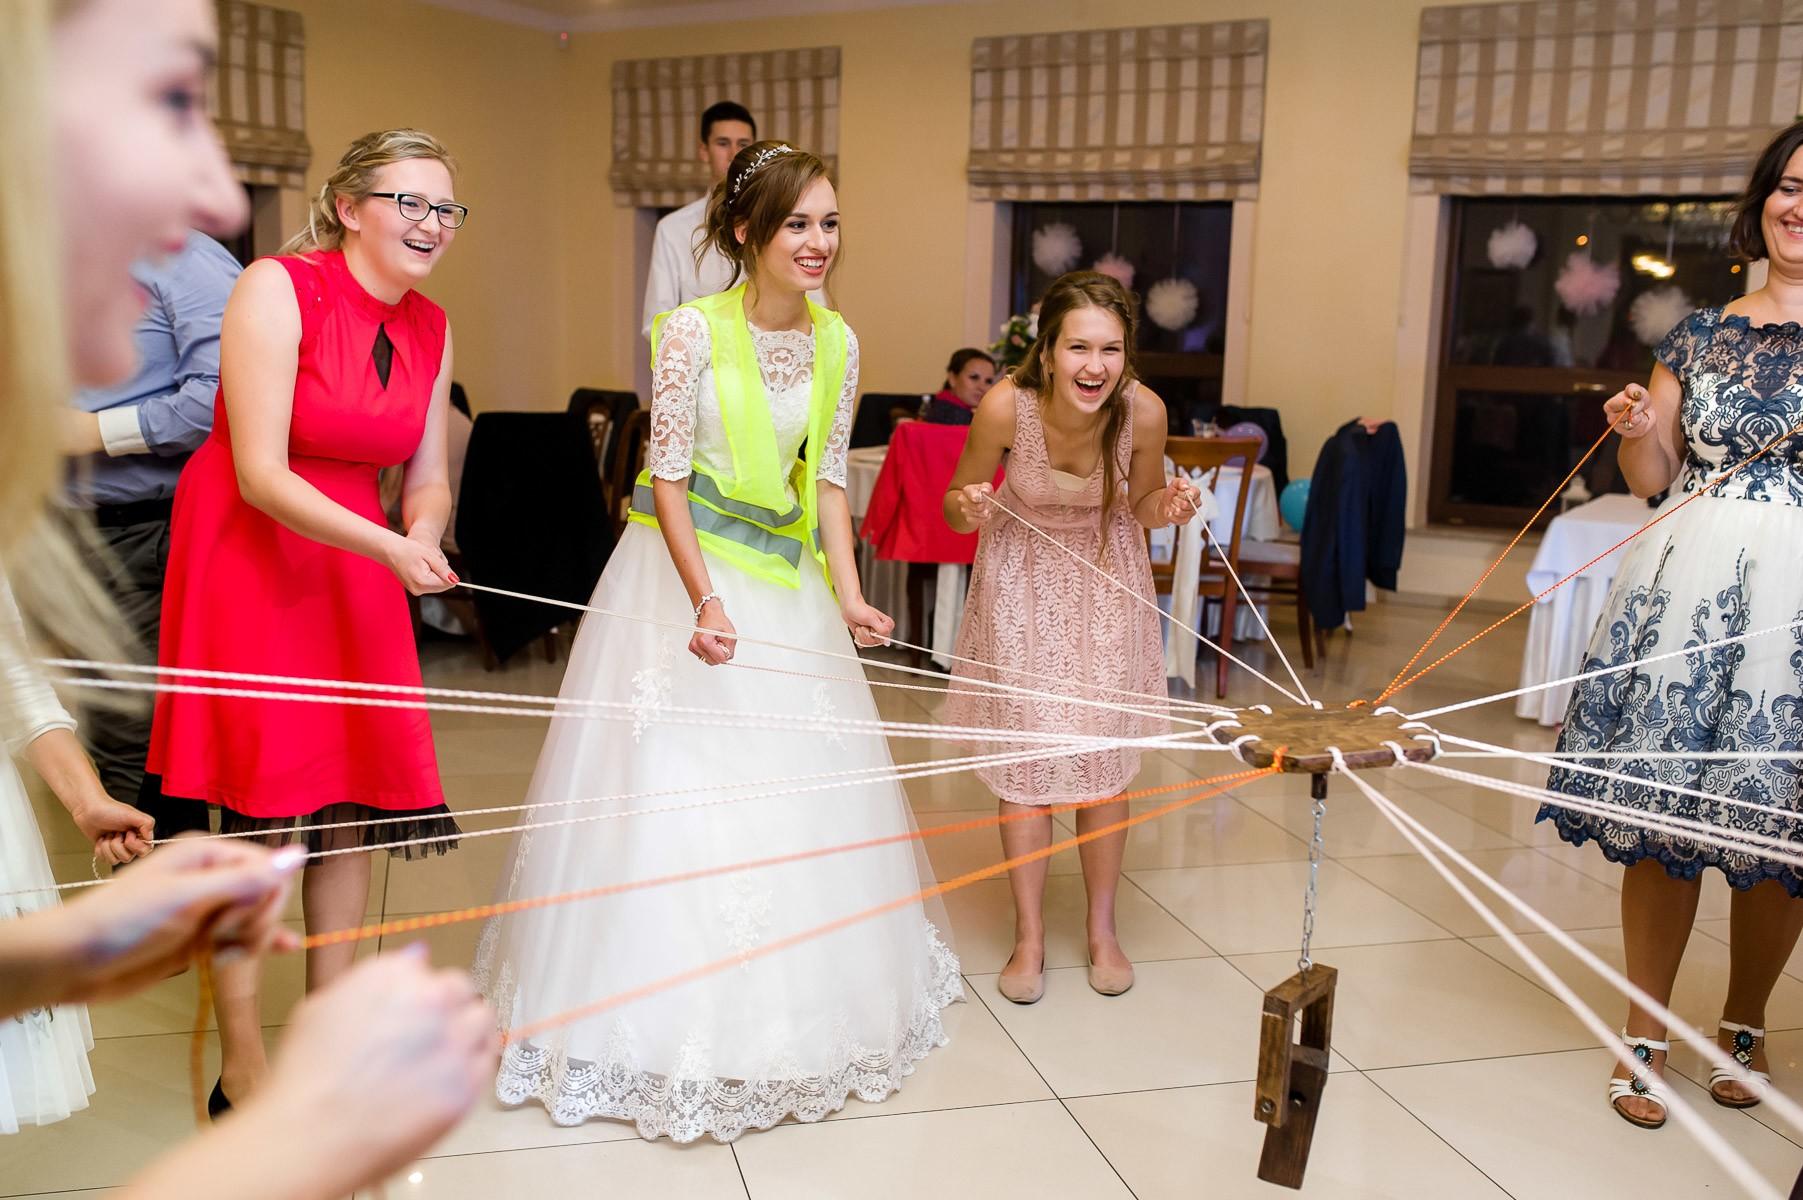 sala na skarpie fotograf slubny slask malopolska adam pietrusiak plener slubny w gorach jw wedding 147